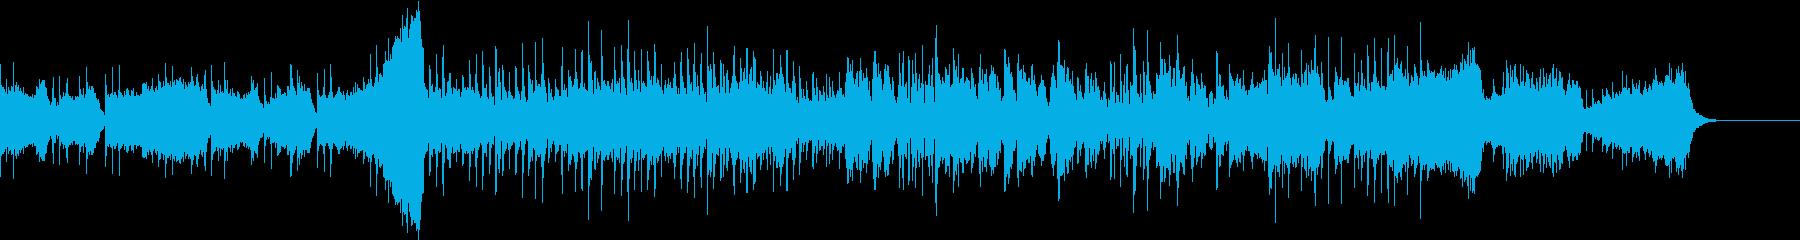 弦楽器と中華伝統楽器の融合の再生済みの波形